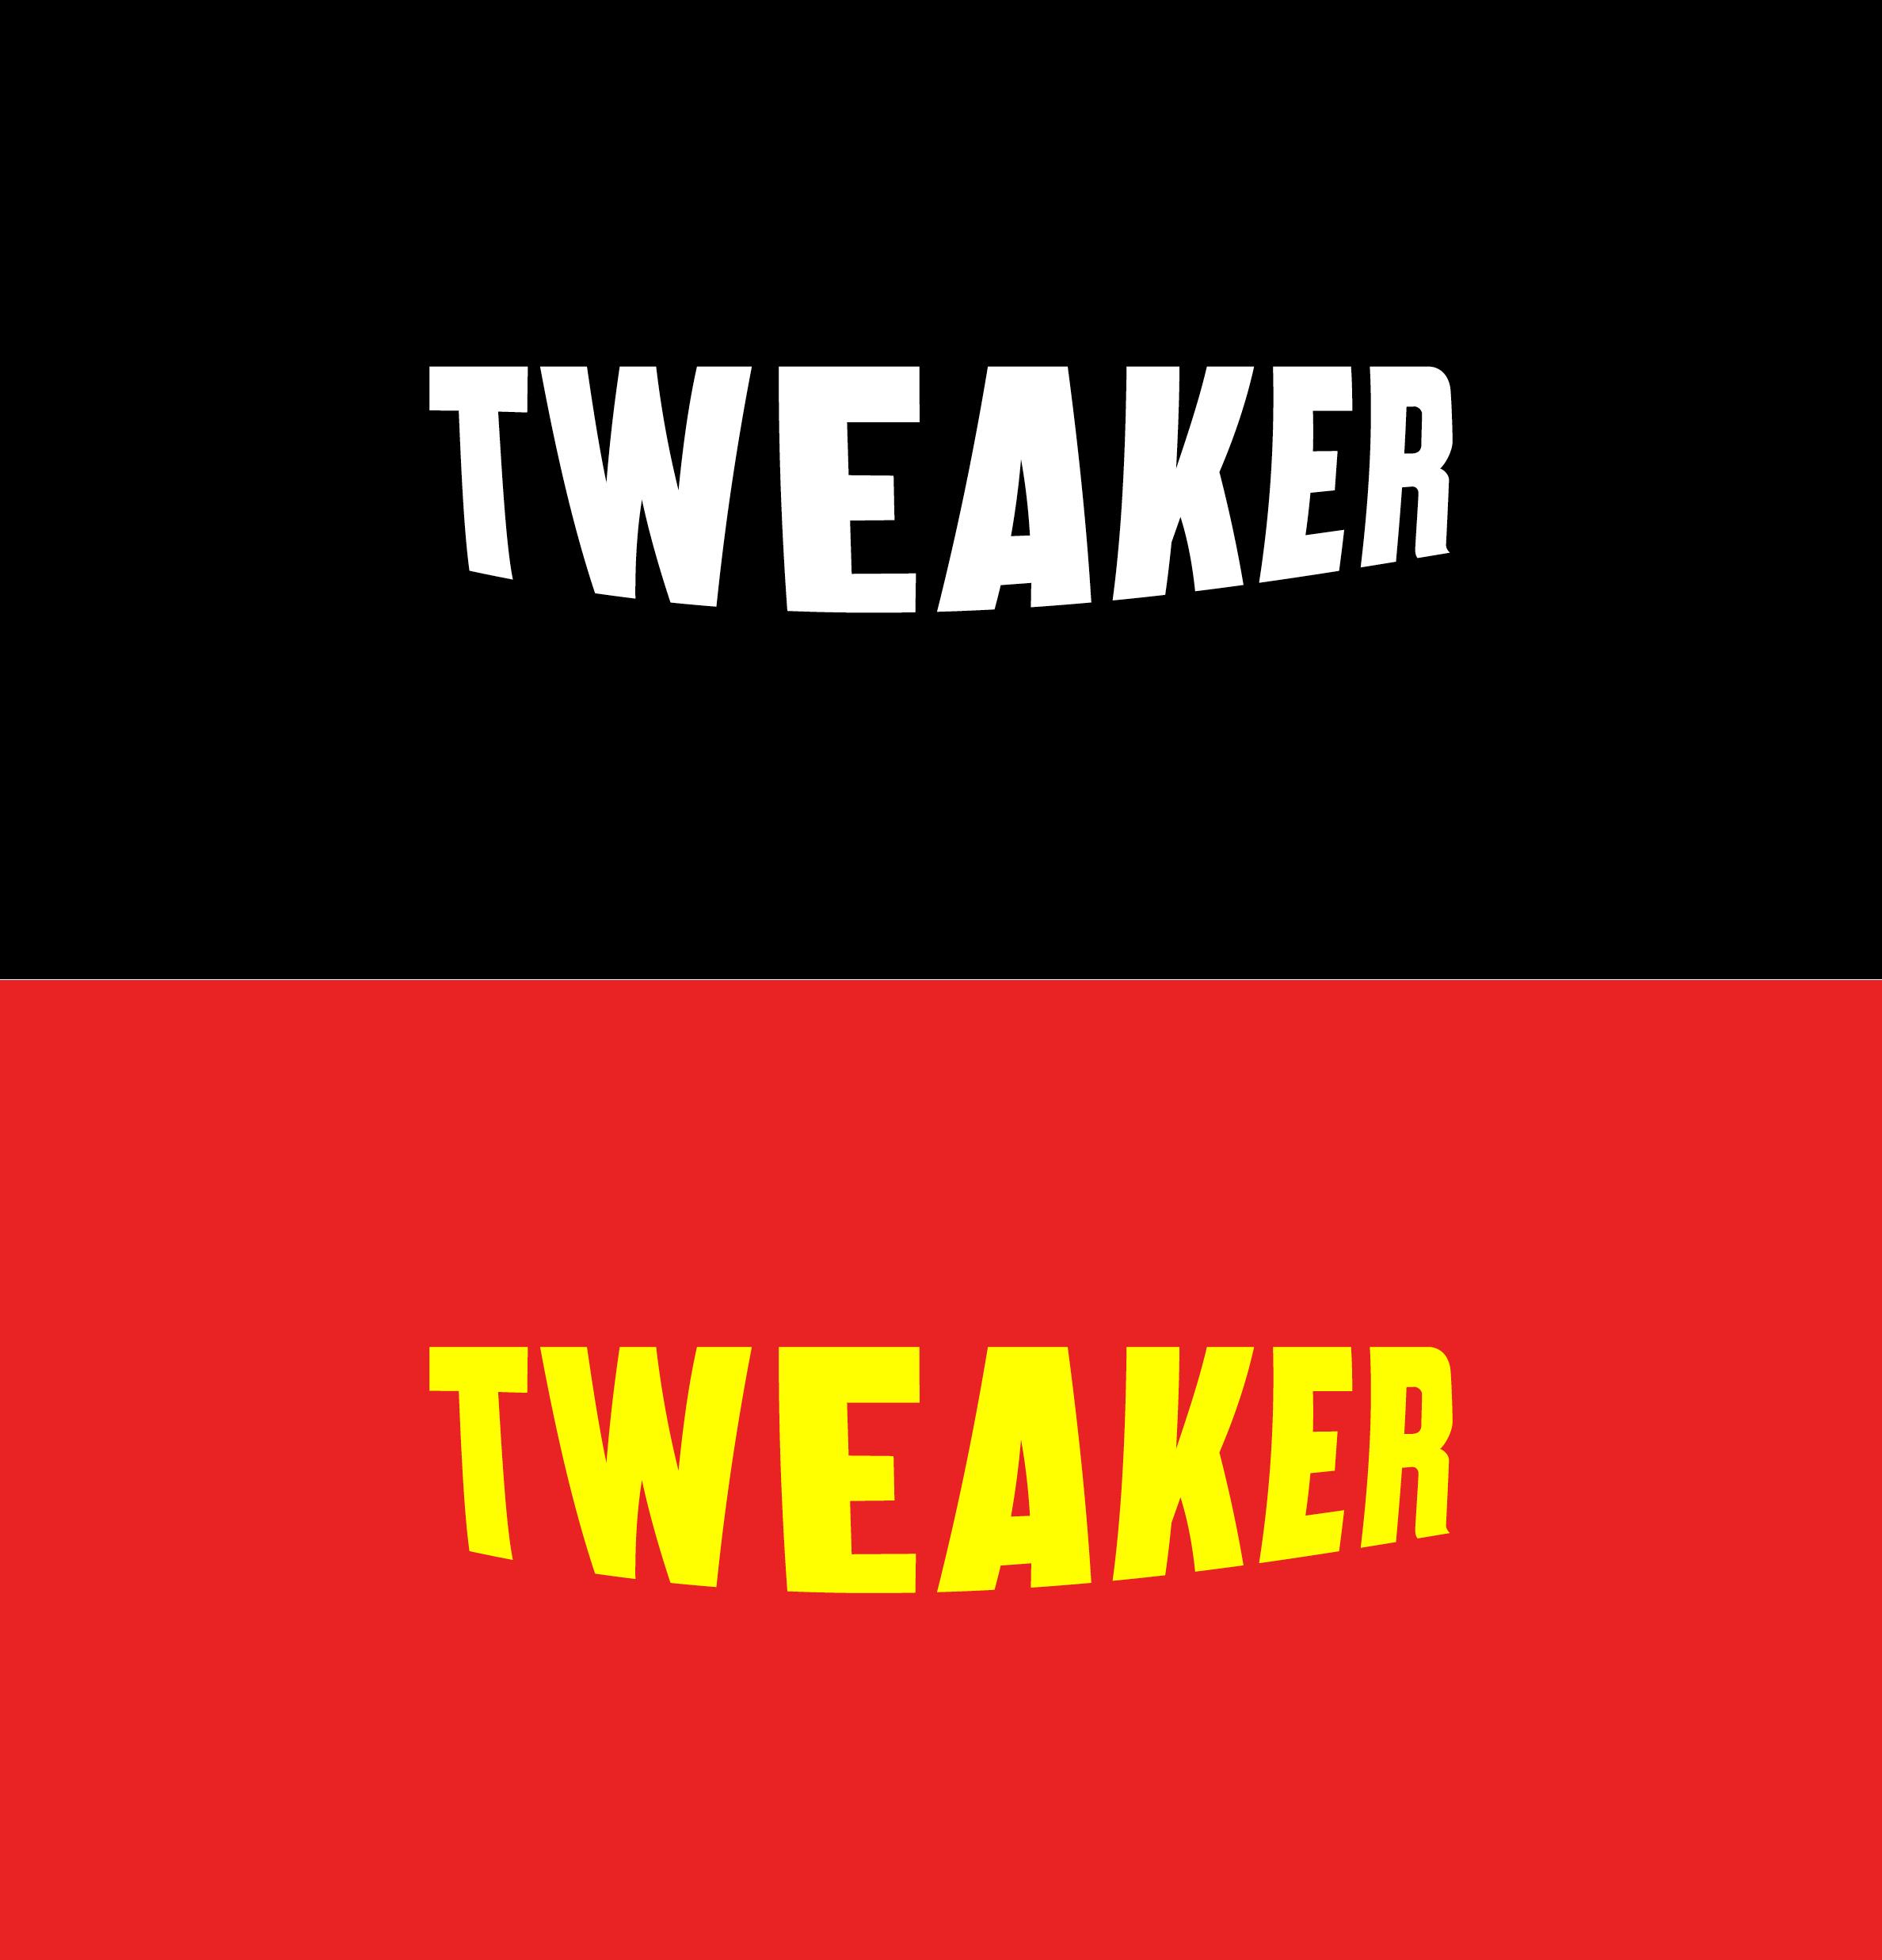 Tweaker.org Brand Refresh